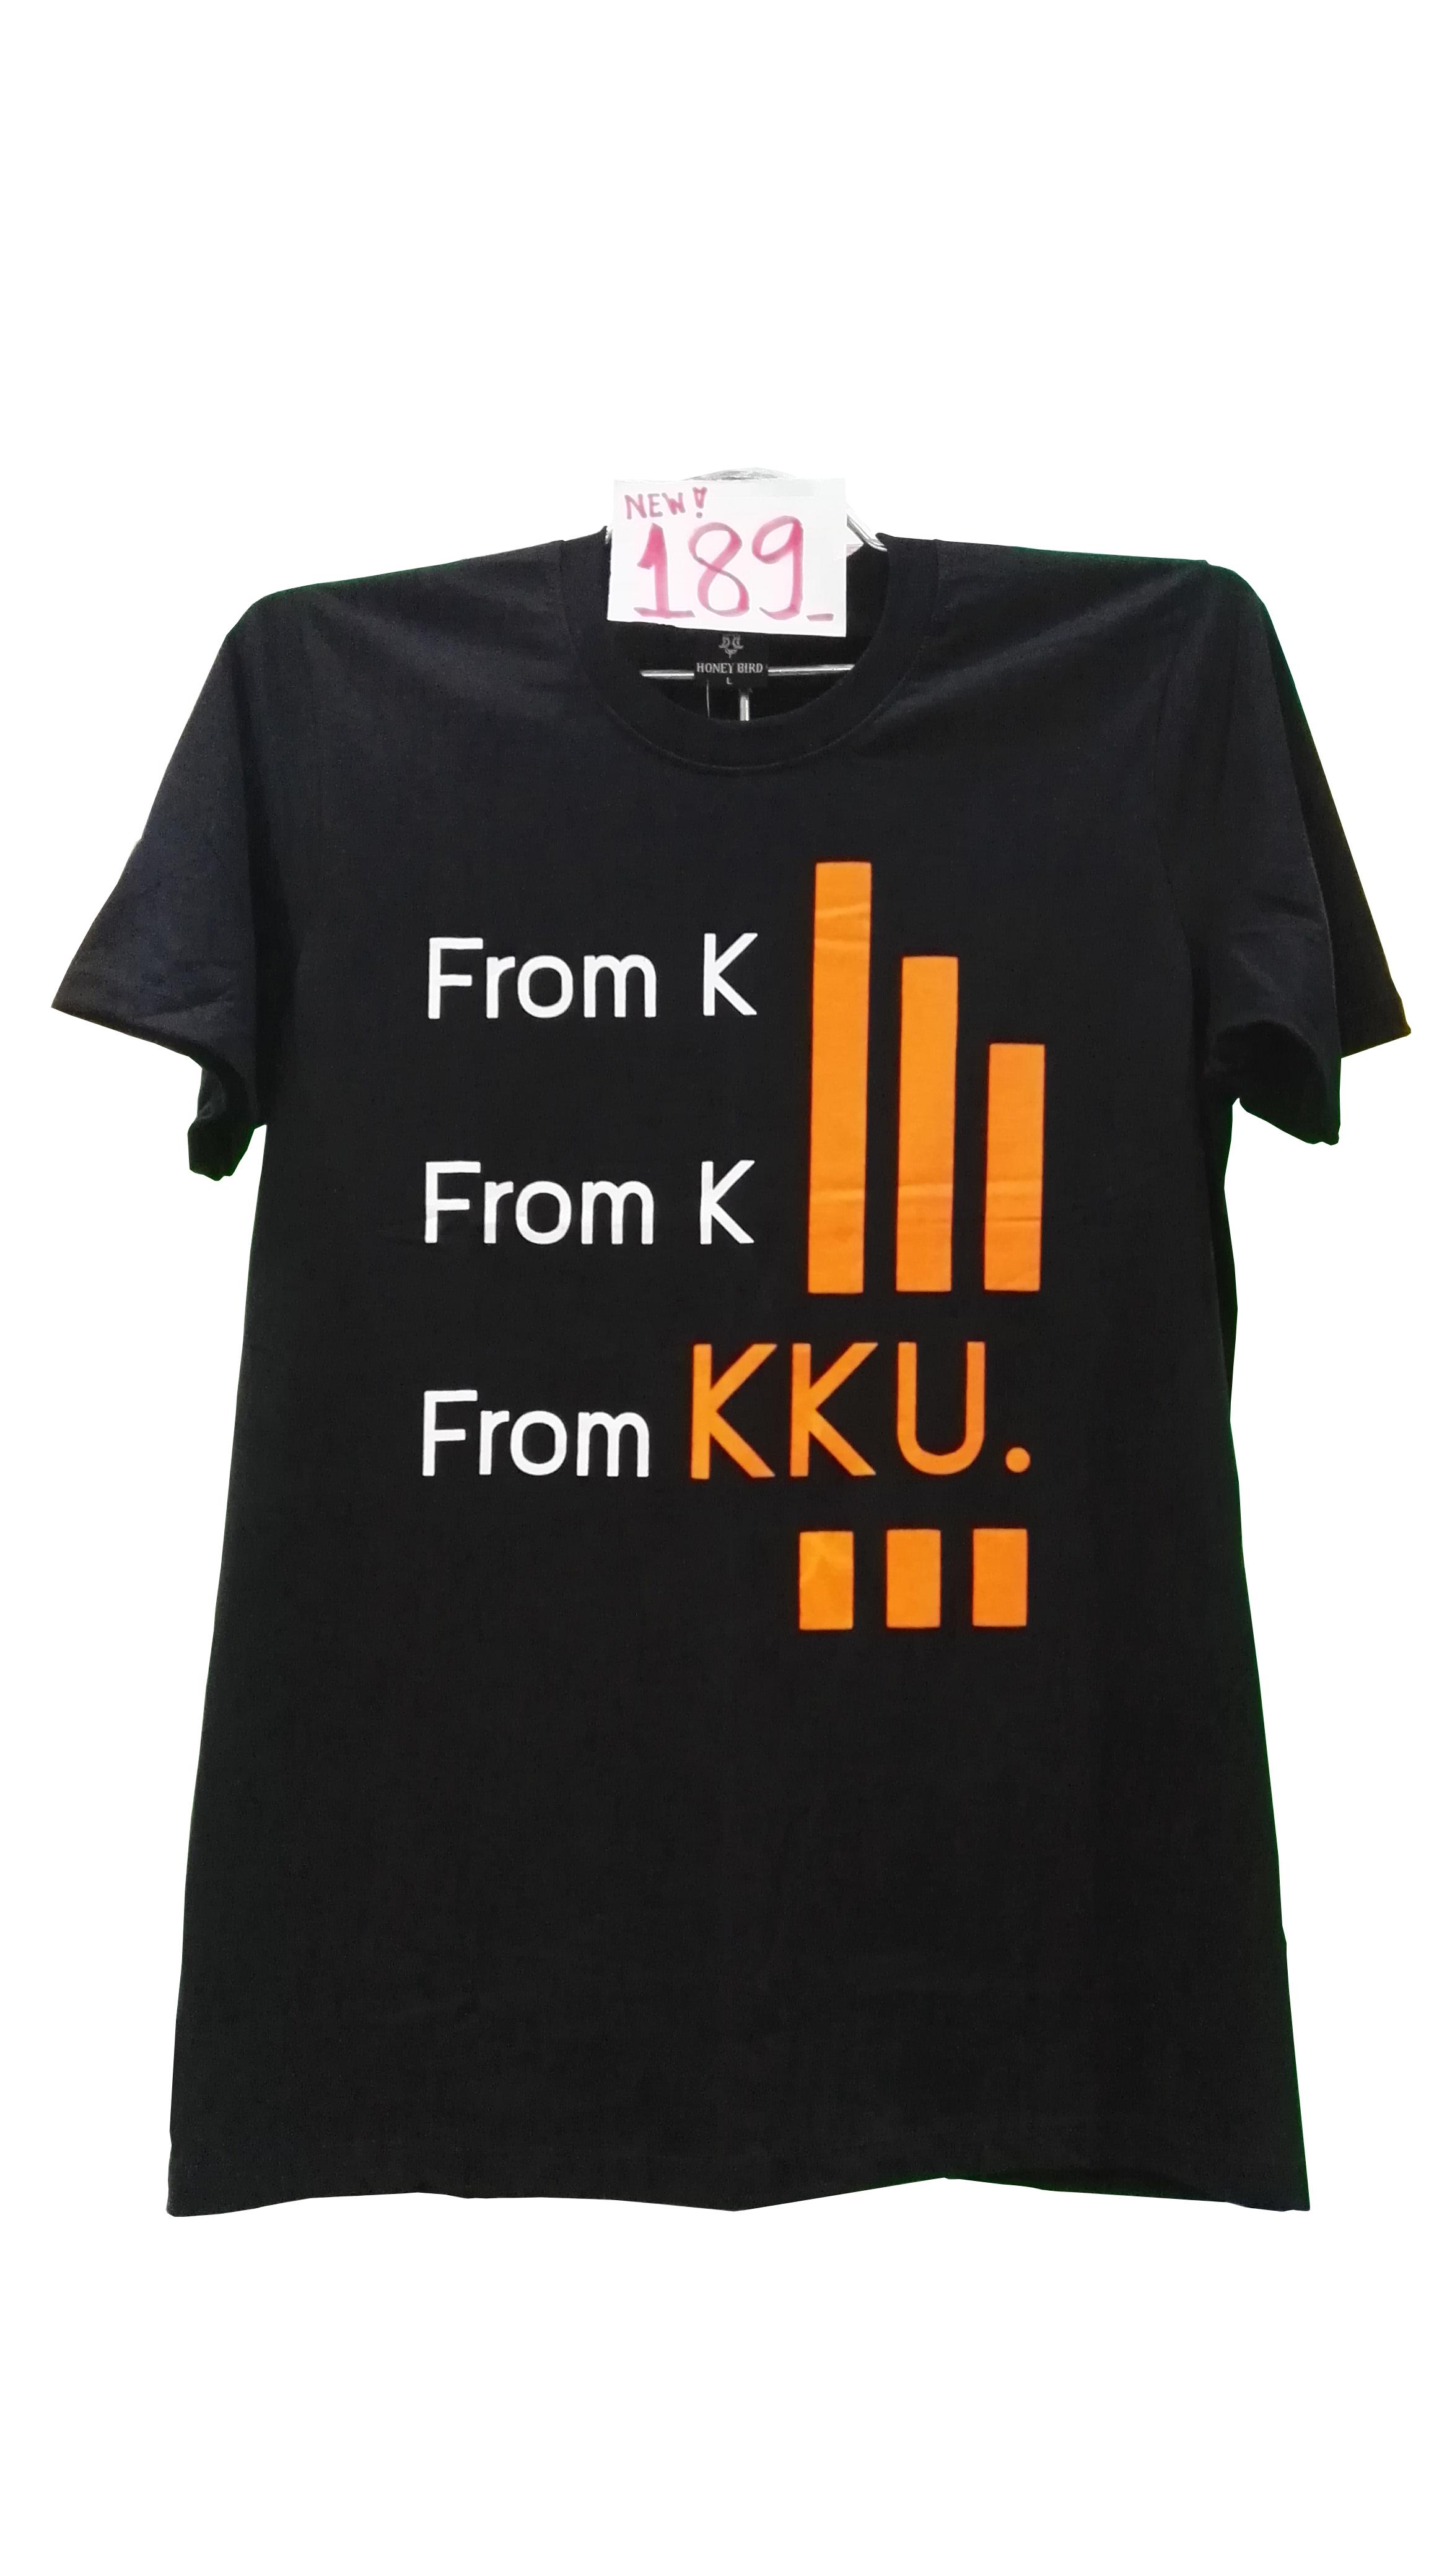 เสื้อยืดFrom KKU สีดำ /ไซส์ L